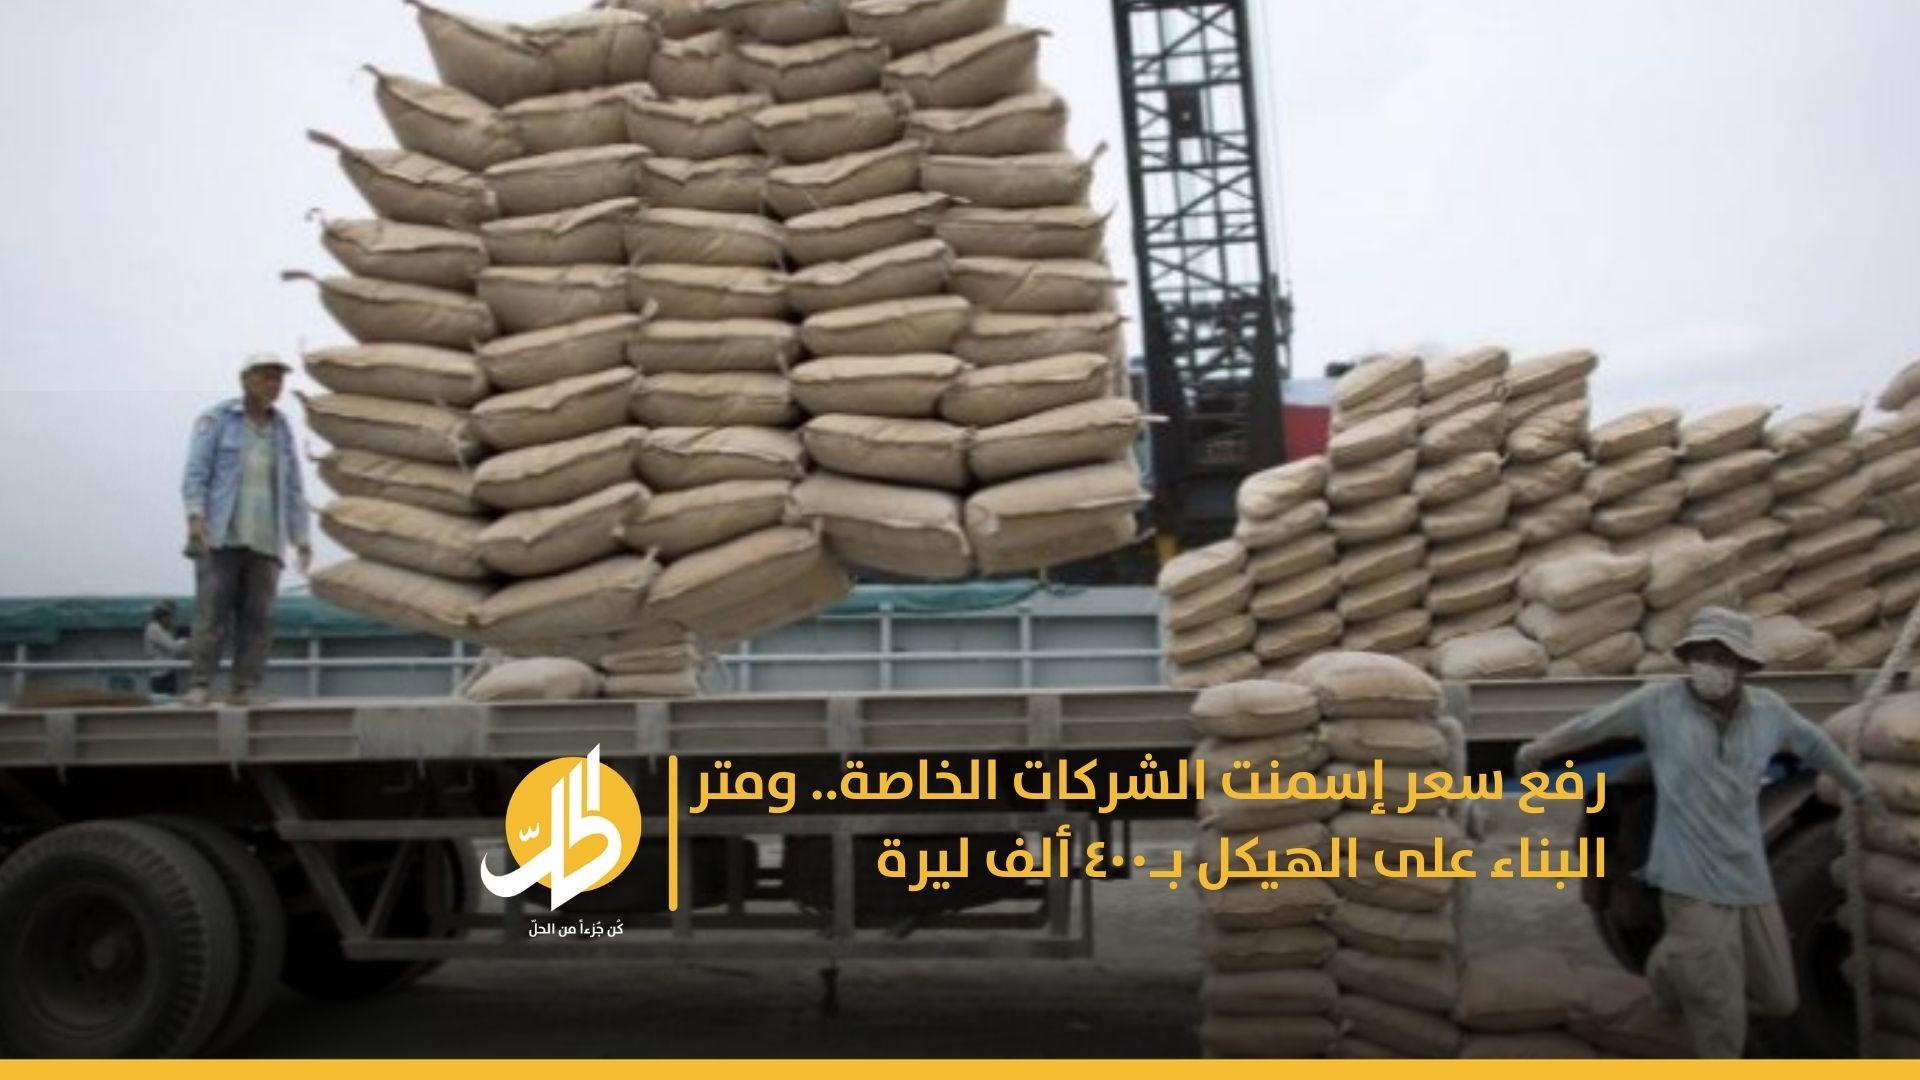 رفع سعر إسمنت الشركات الخاصة.. ومتر البناء على الهيكل بـ٤٠٠ ألف ليرة